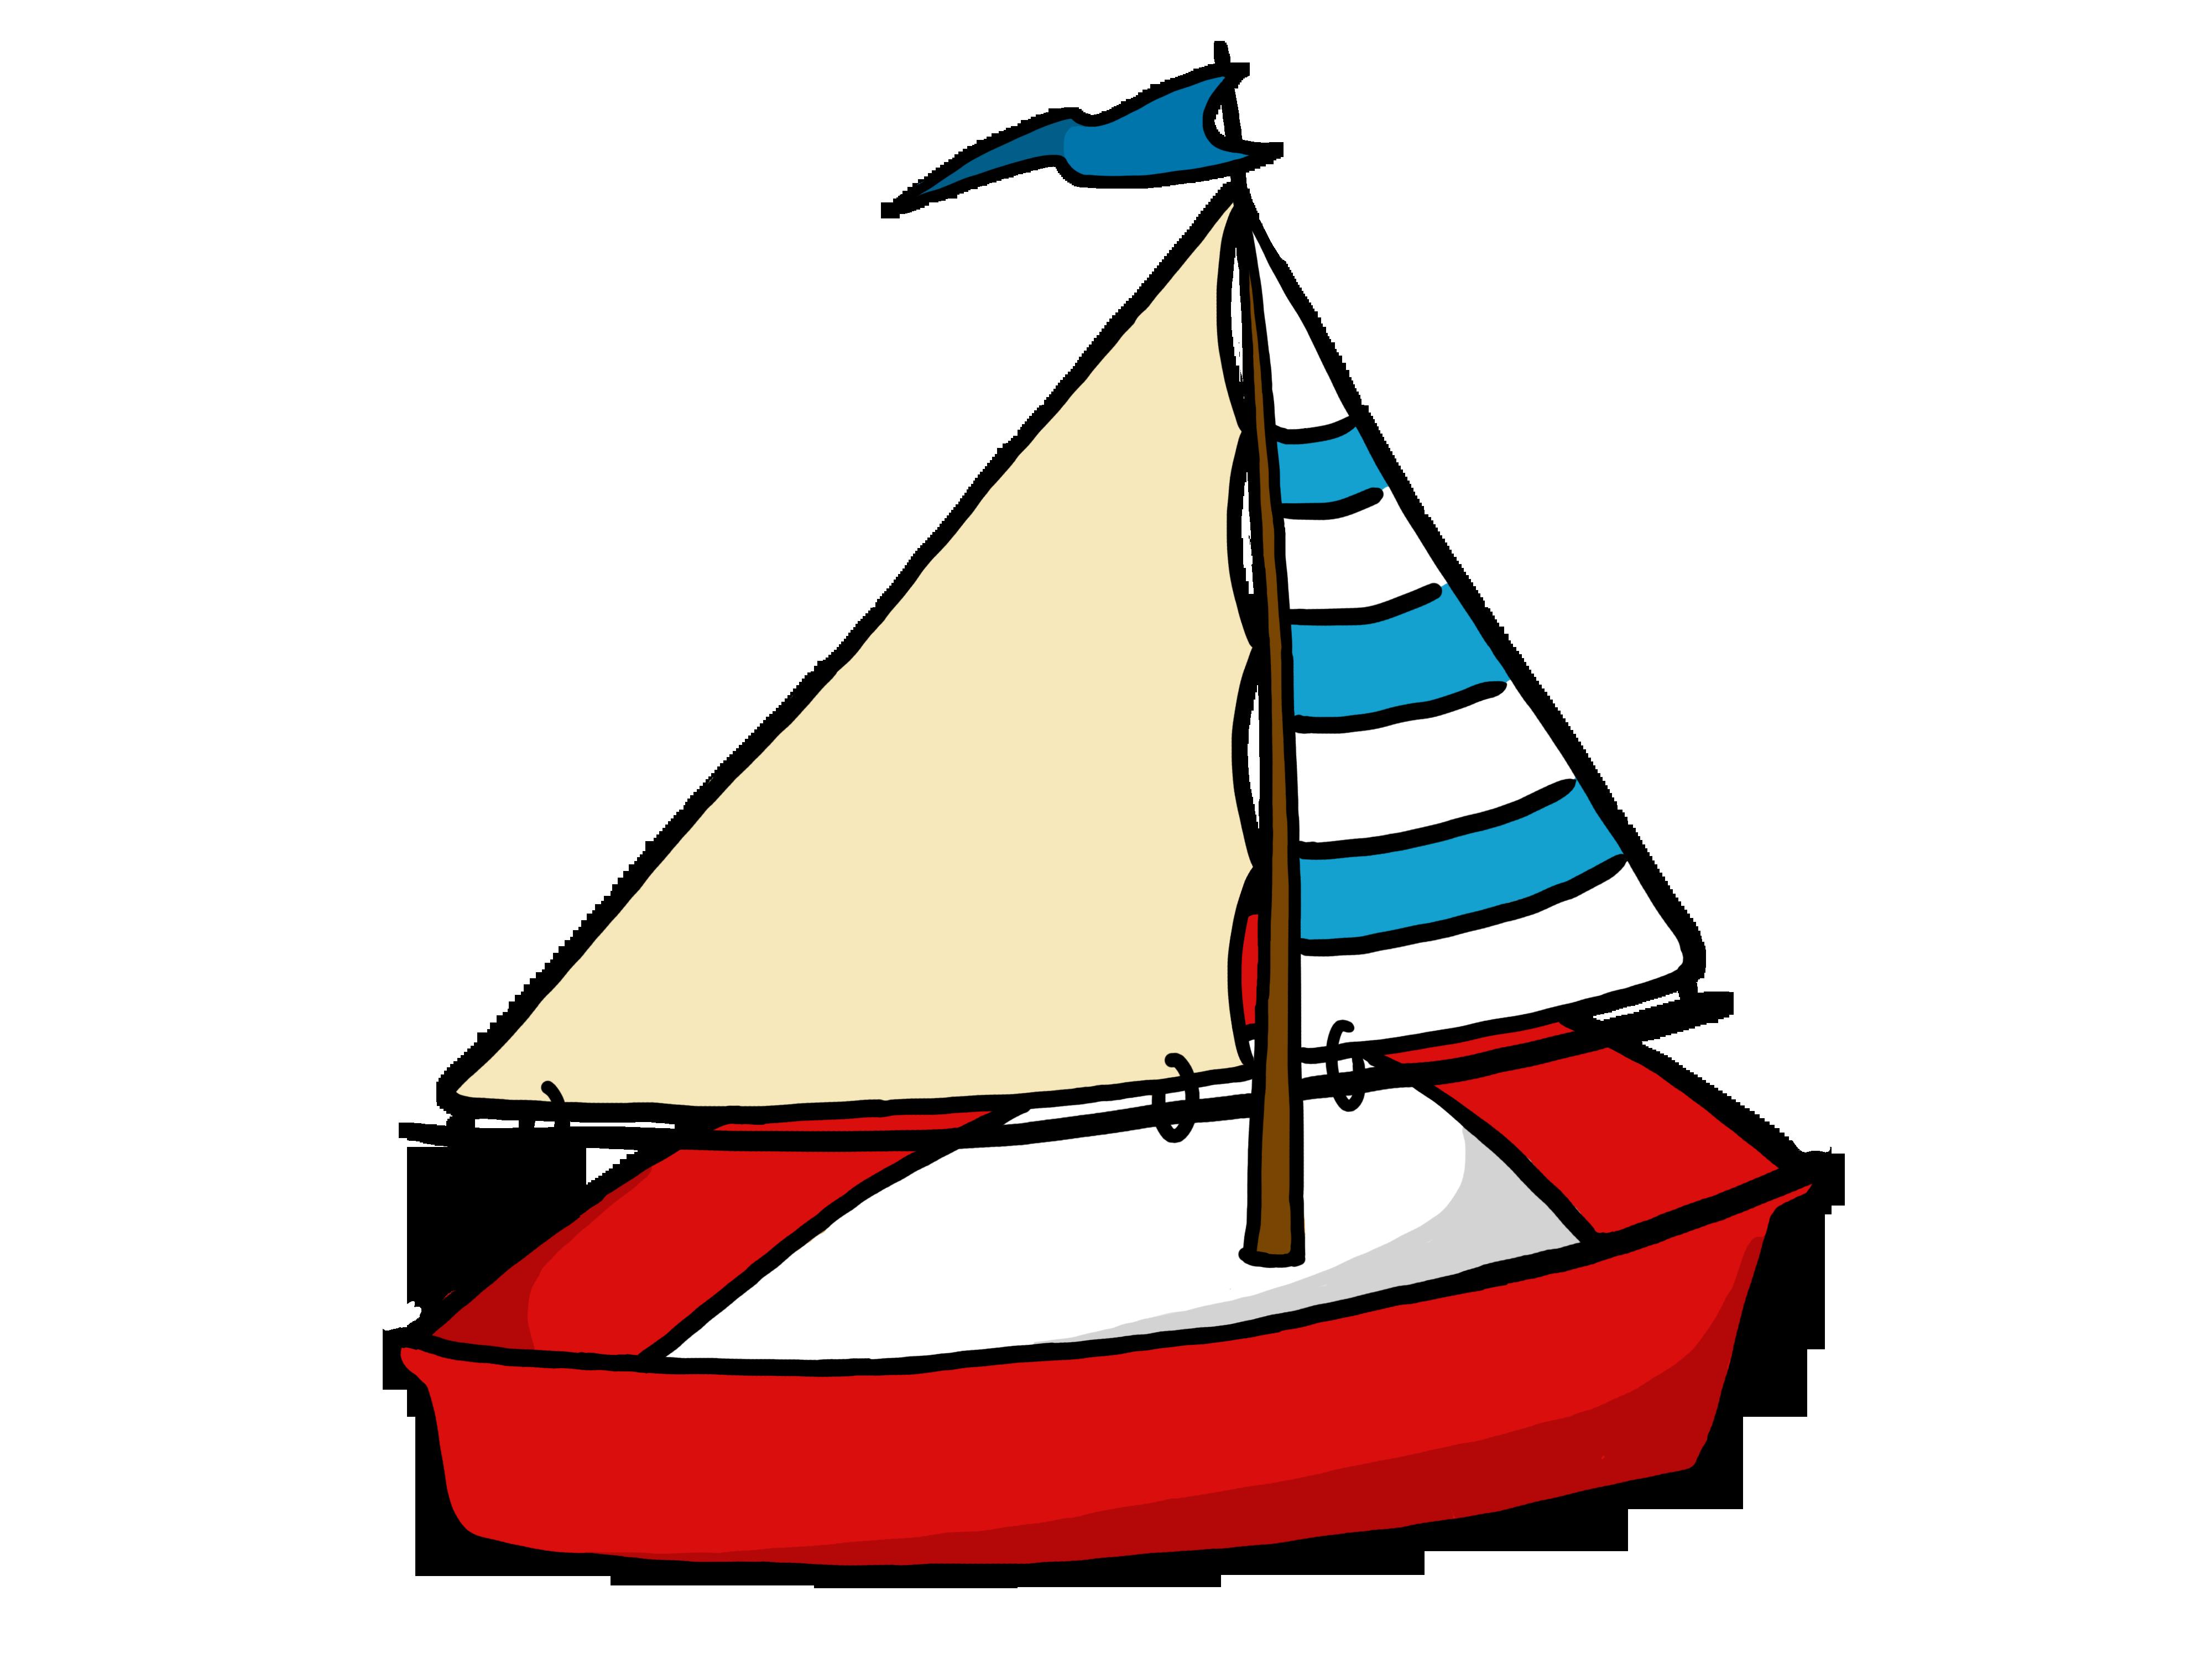 grab-clipart-red-sailboat-clipartboat-clip-art---clipart-best-o5rrcewk ...